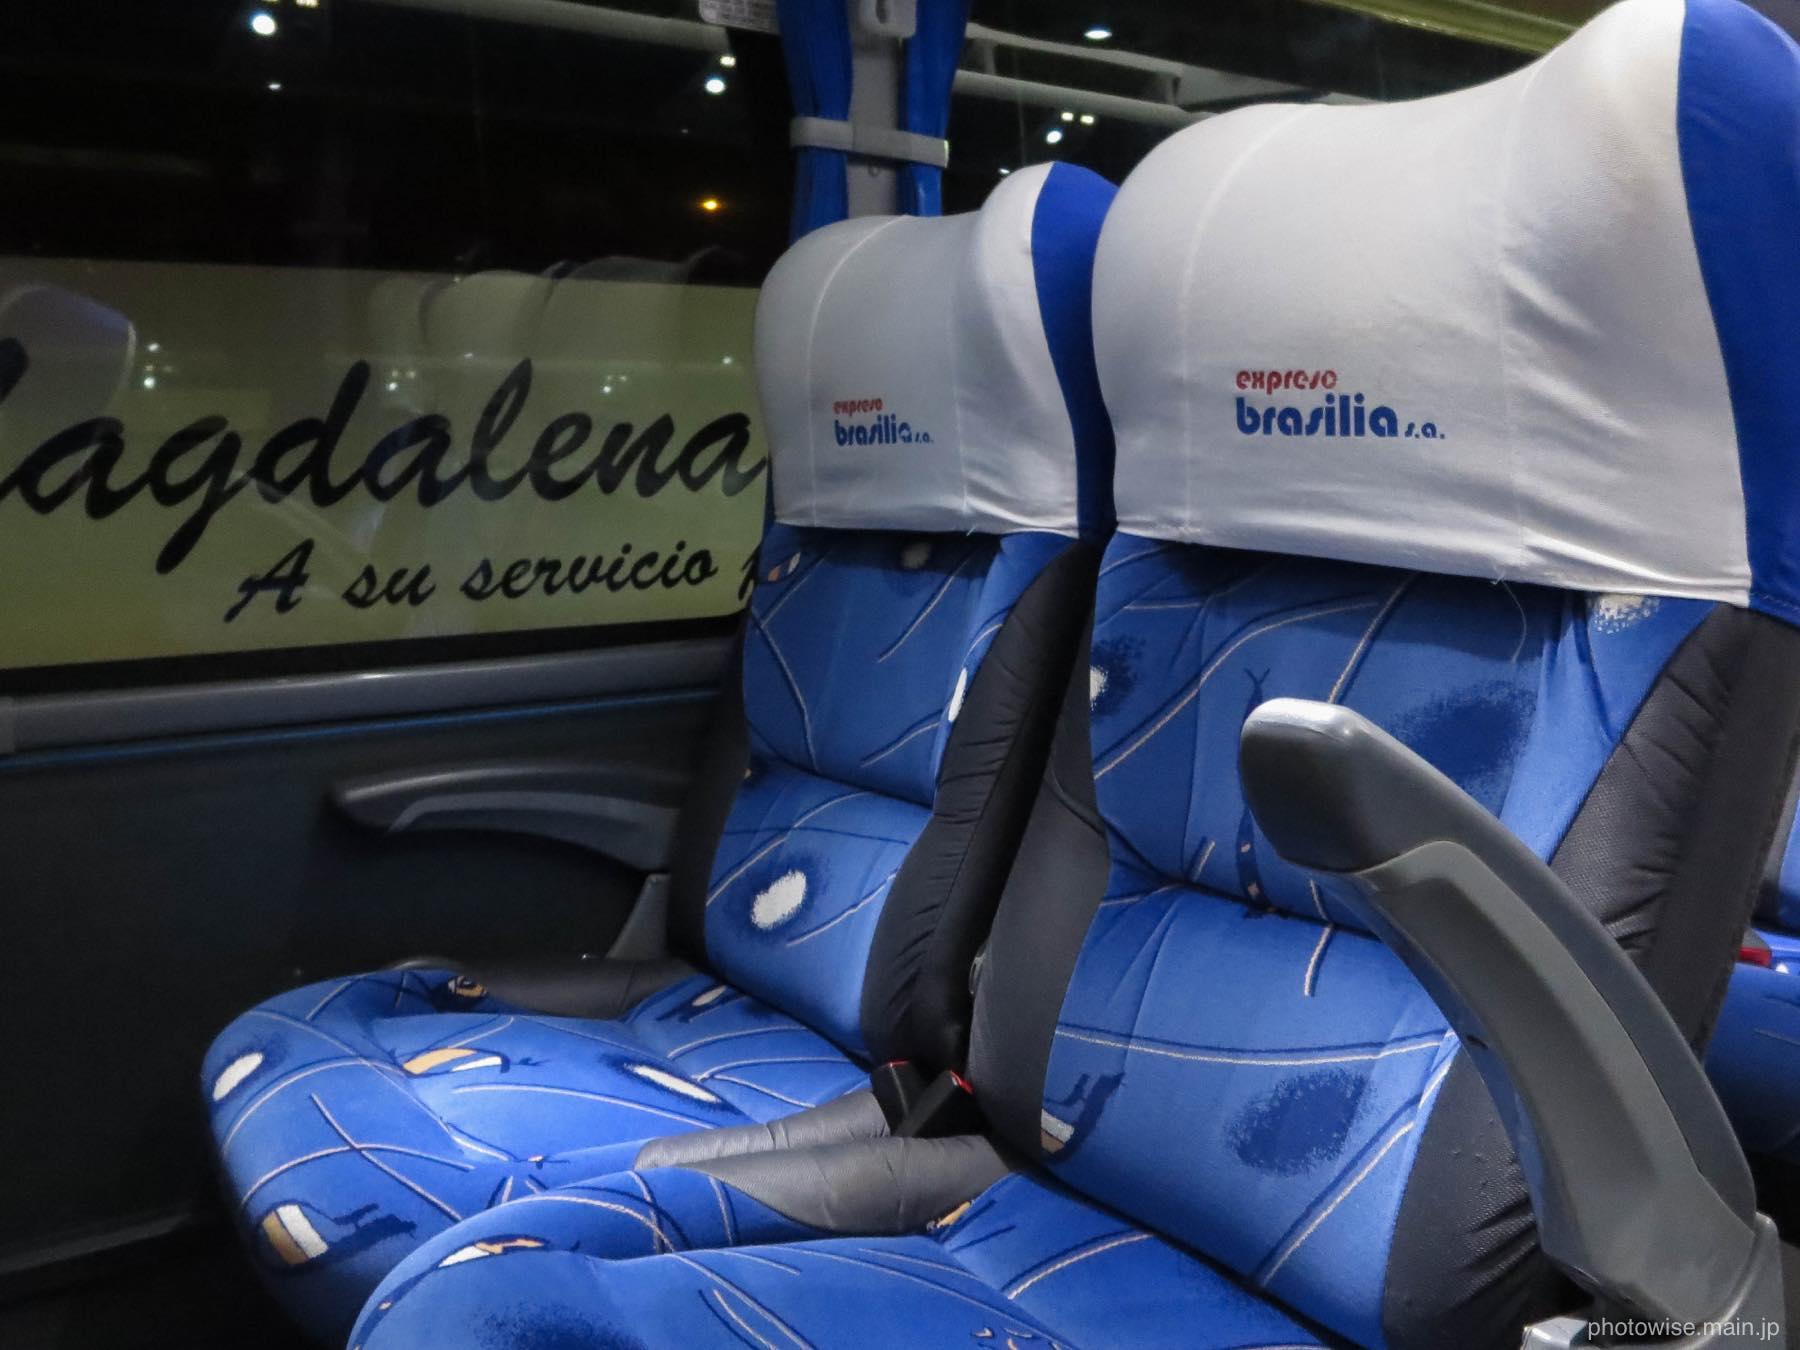 カルタヘナ行きのバスシート